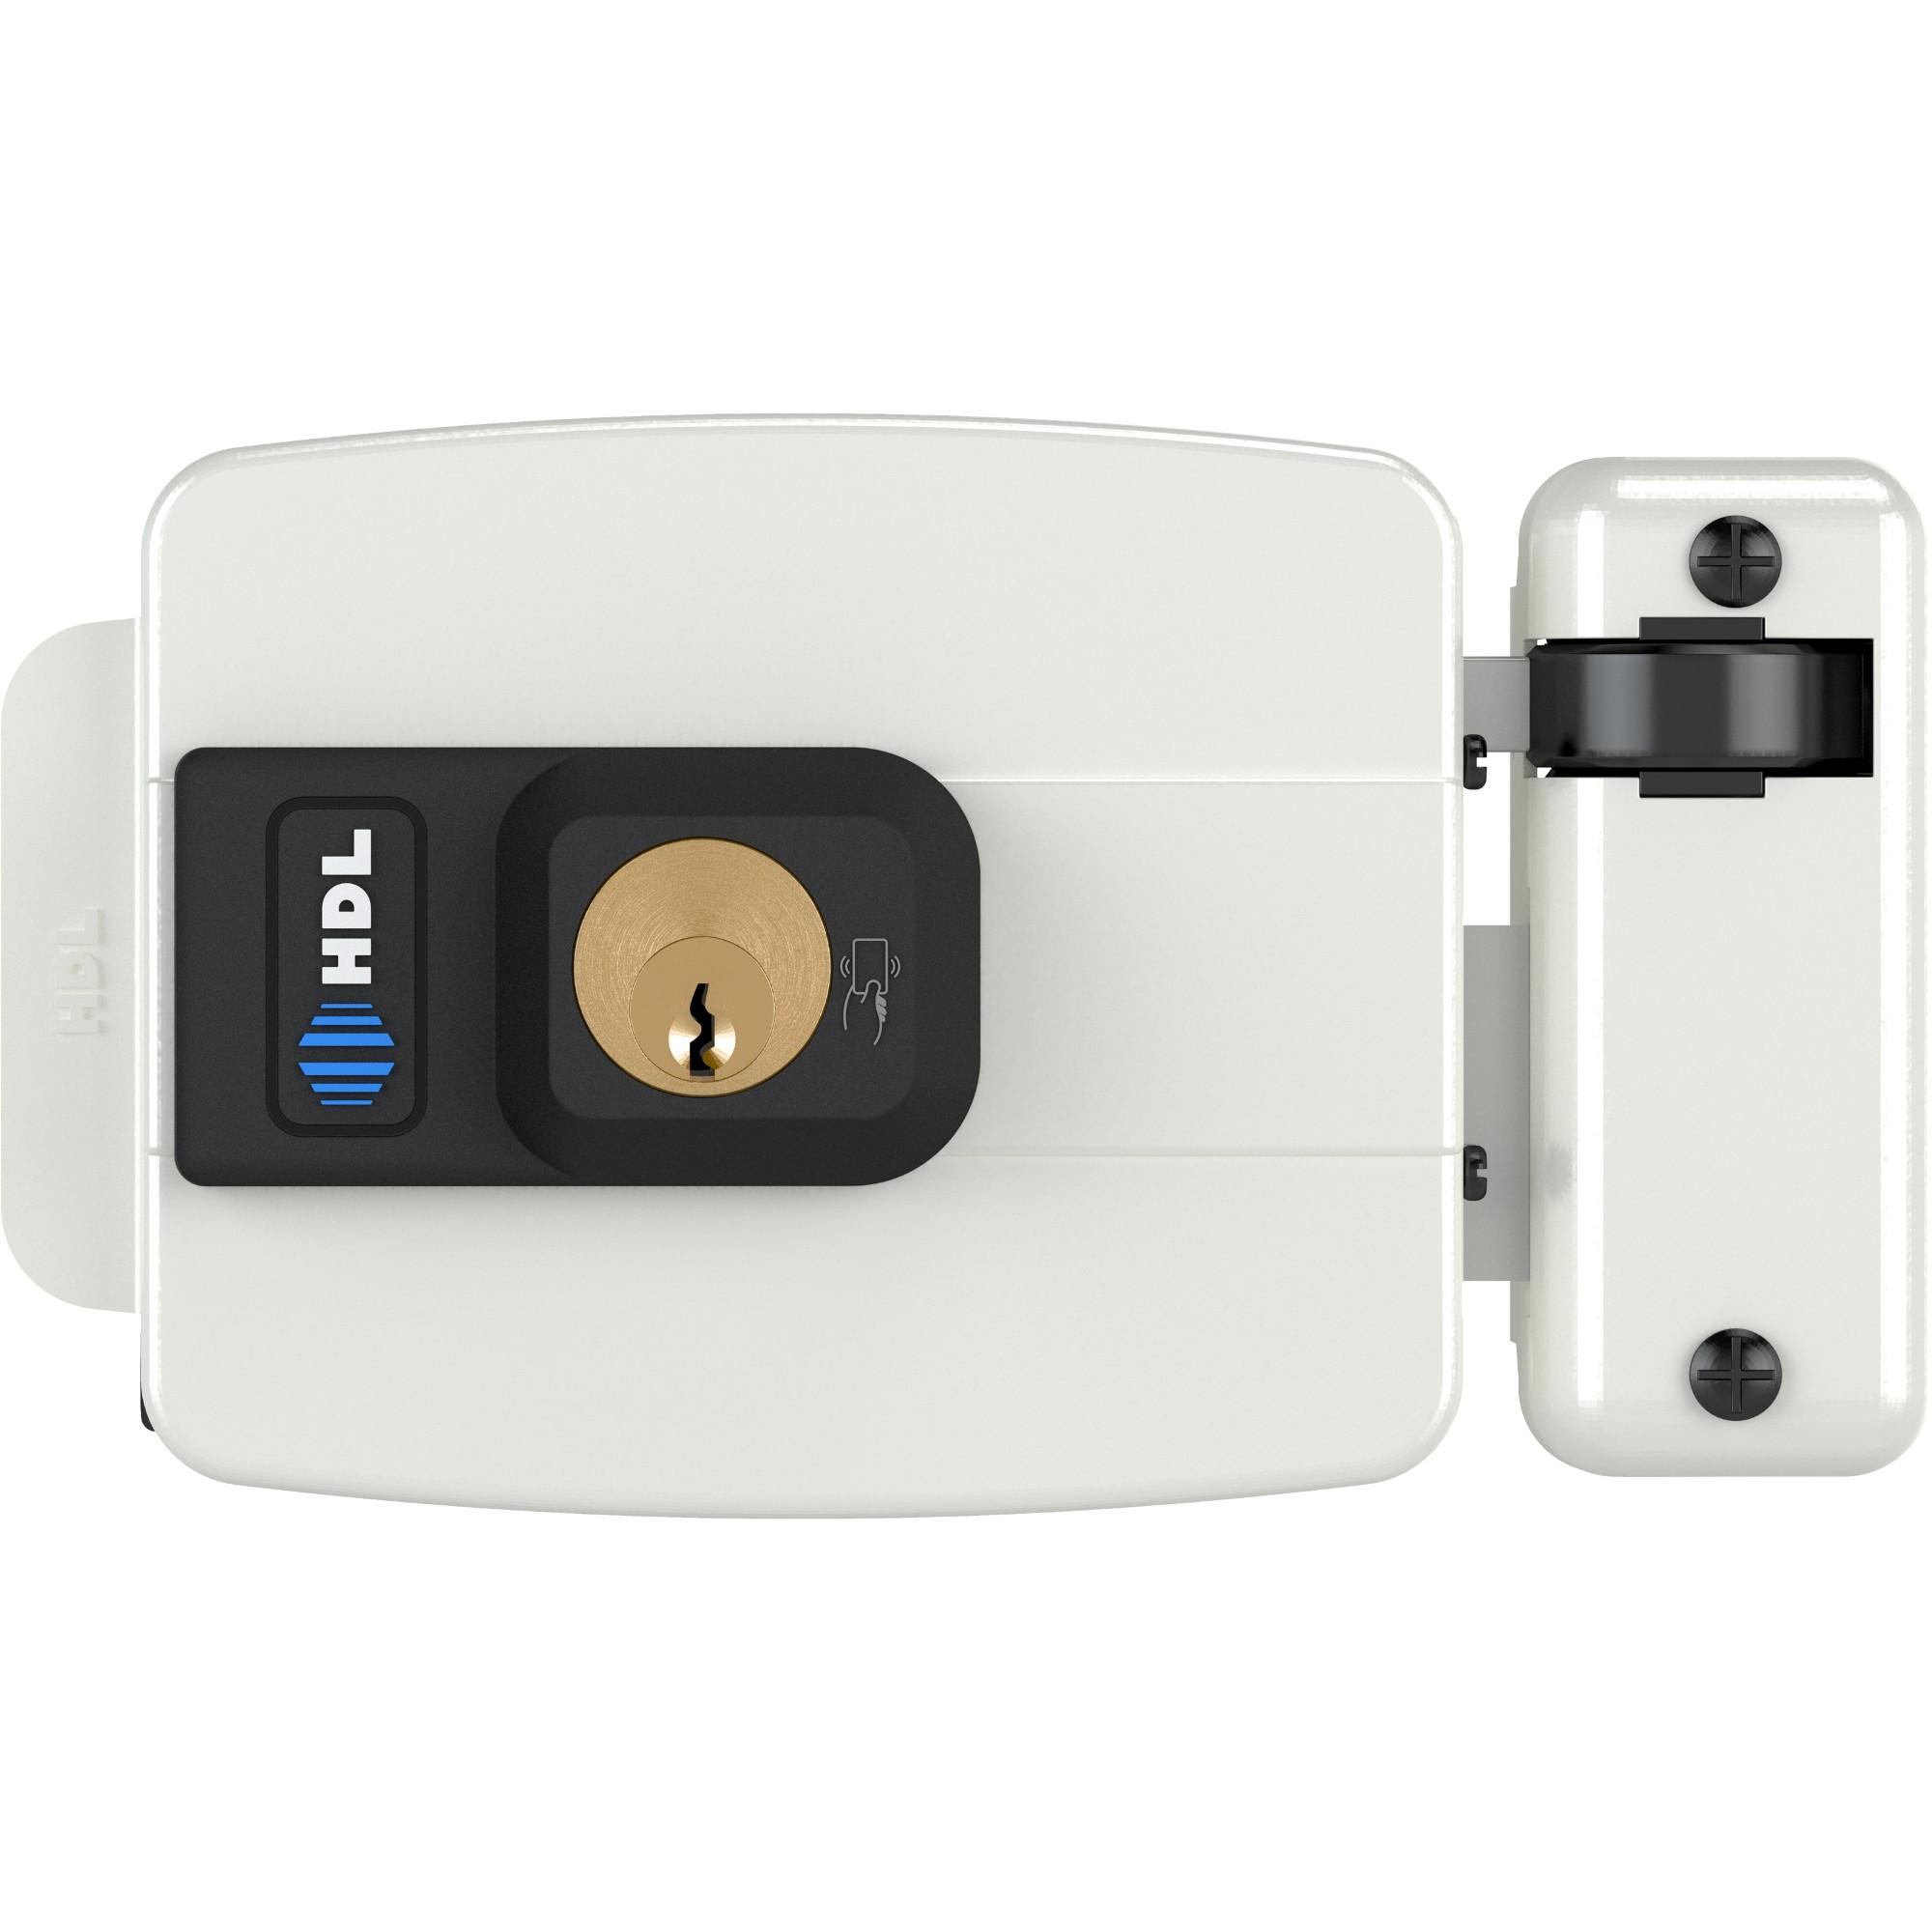 Fechadura Eletrica 12V Abertura para Dentro Branca - 900103053 - HDL